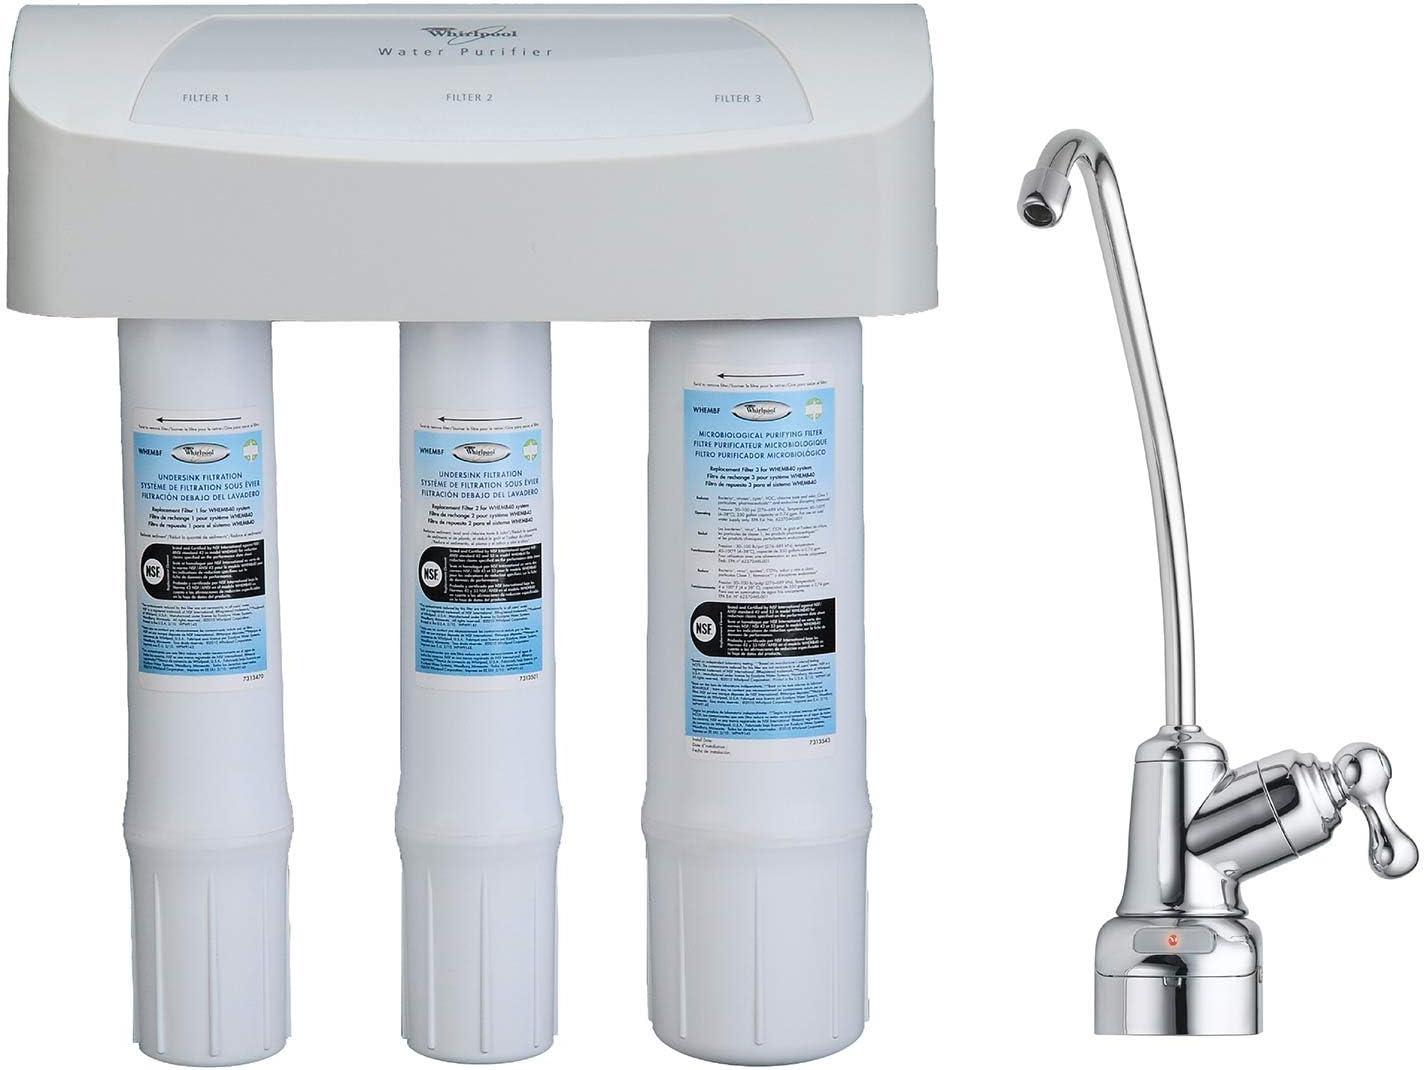 Whirlpool whembf purificador de agua filtros de repuesto (Compatible con los sistemas whambs5 & whemb40): Amazon.es: Bricolaje y herramientas